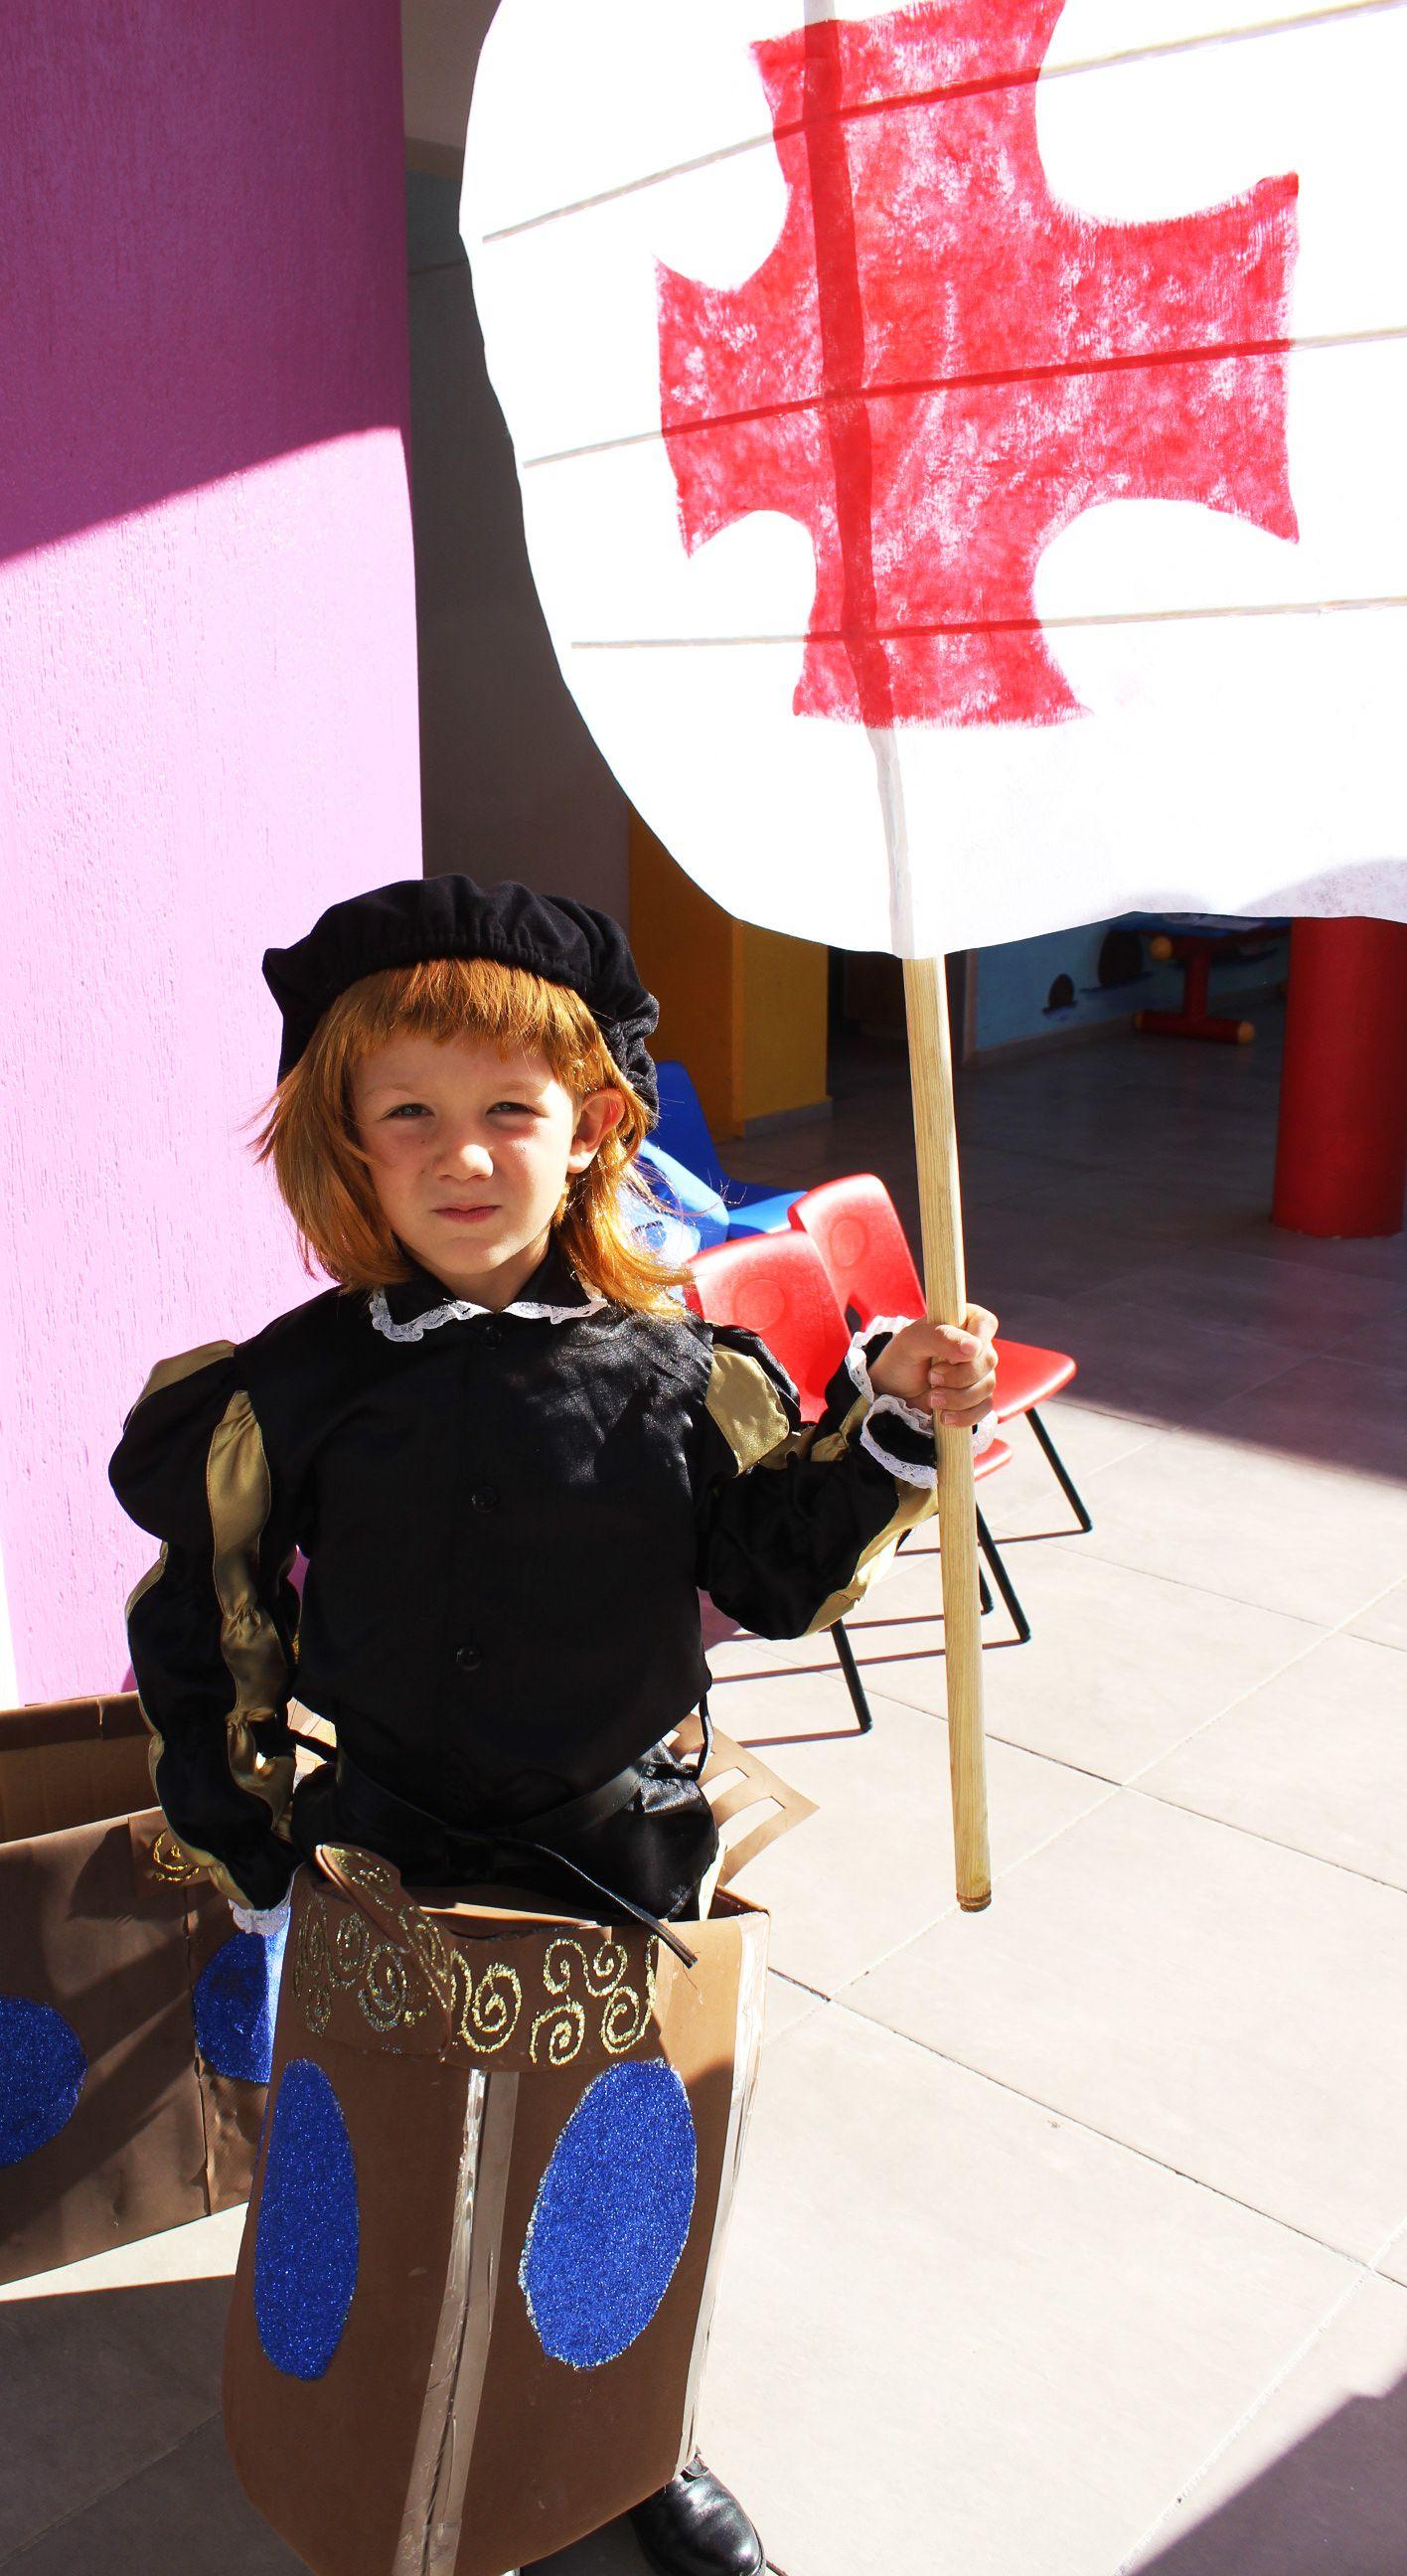 Cristobal Colon Bandera Diy Niño Disfraz Cristobal Colon Para Niños Cristobal Colón Cristobal